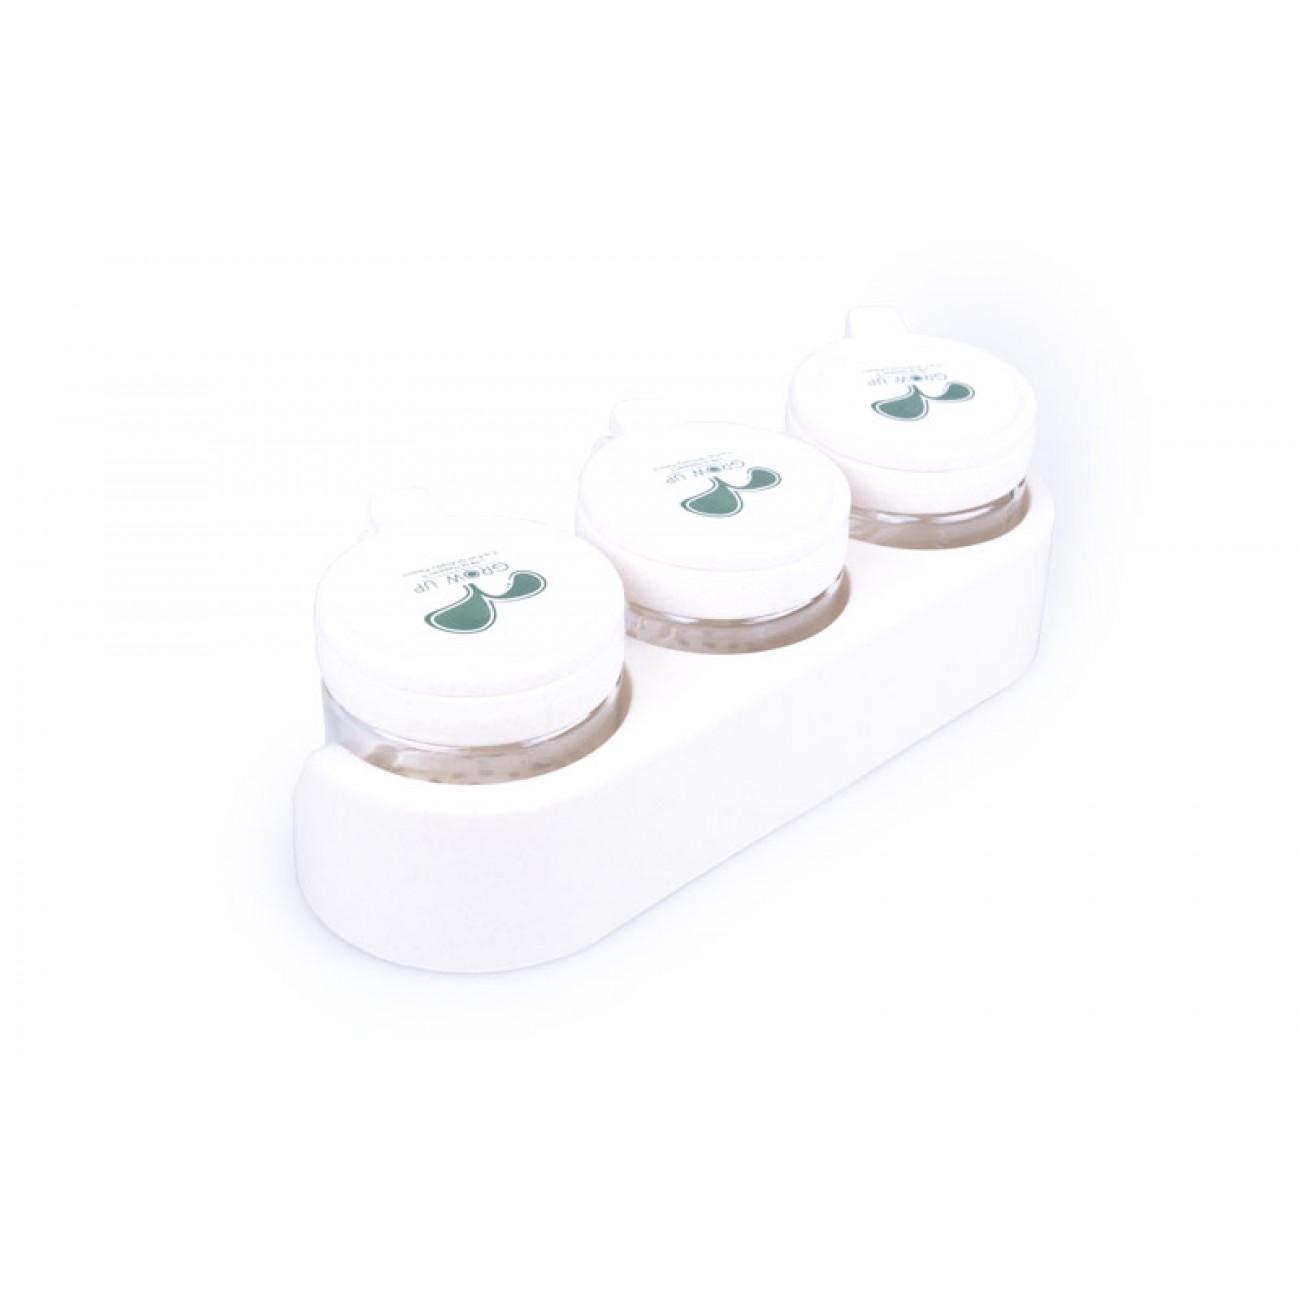 Σετ 3 βαζάκια μπαχαρικών - Μπεζ - ΟΕΜ 29350